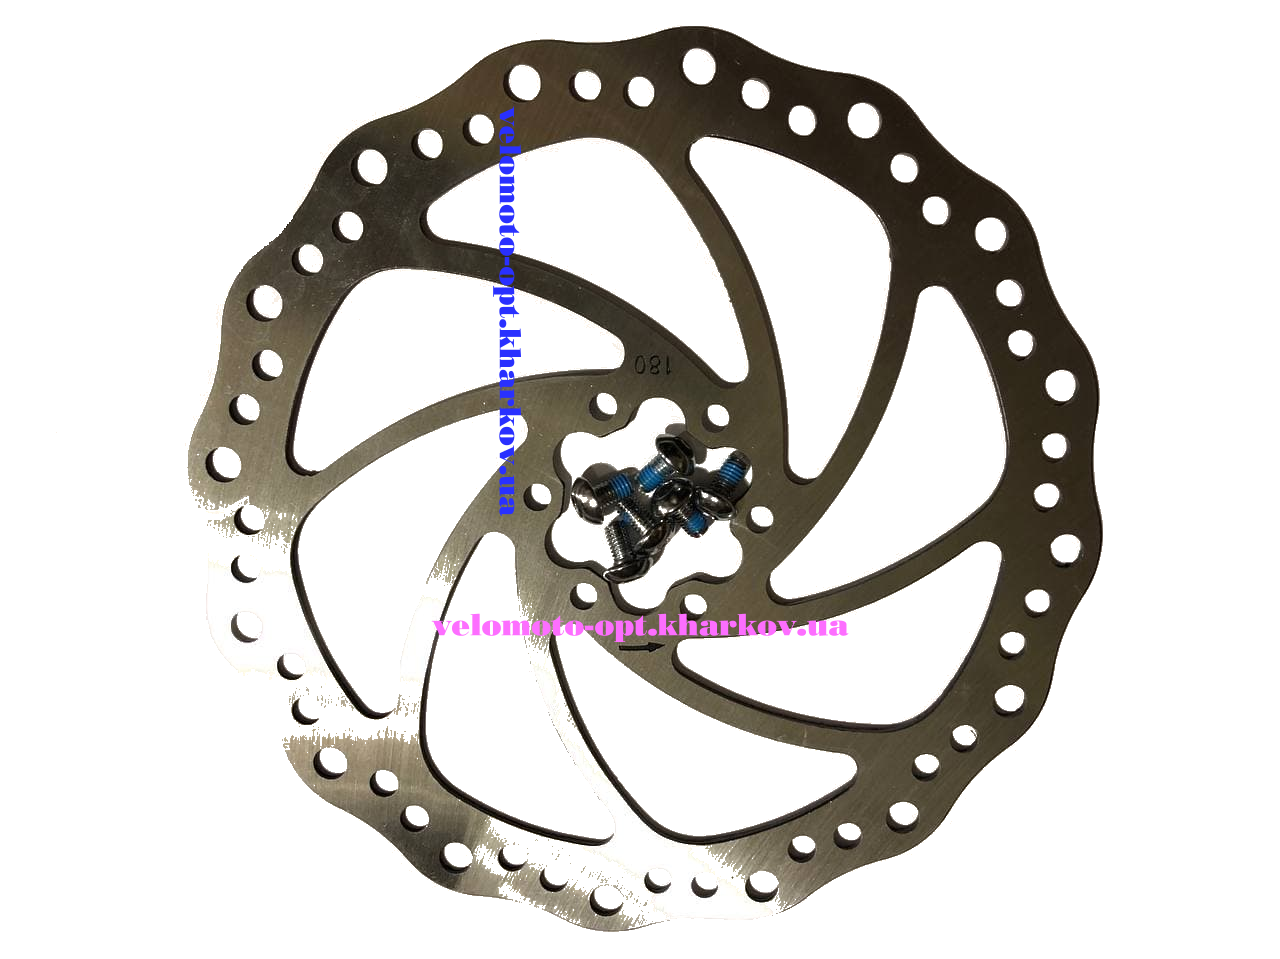 Гальмівний ротор 180мм дискового гальма, SHUNFING